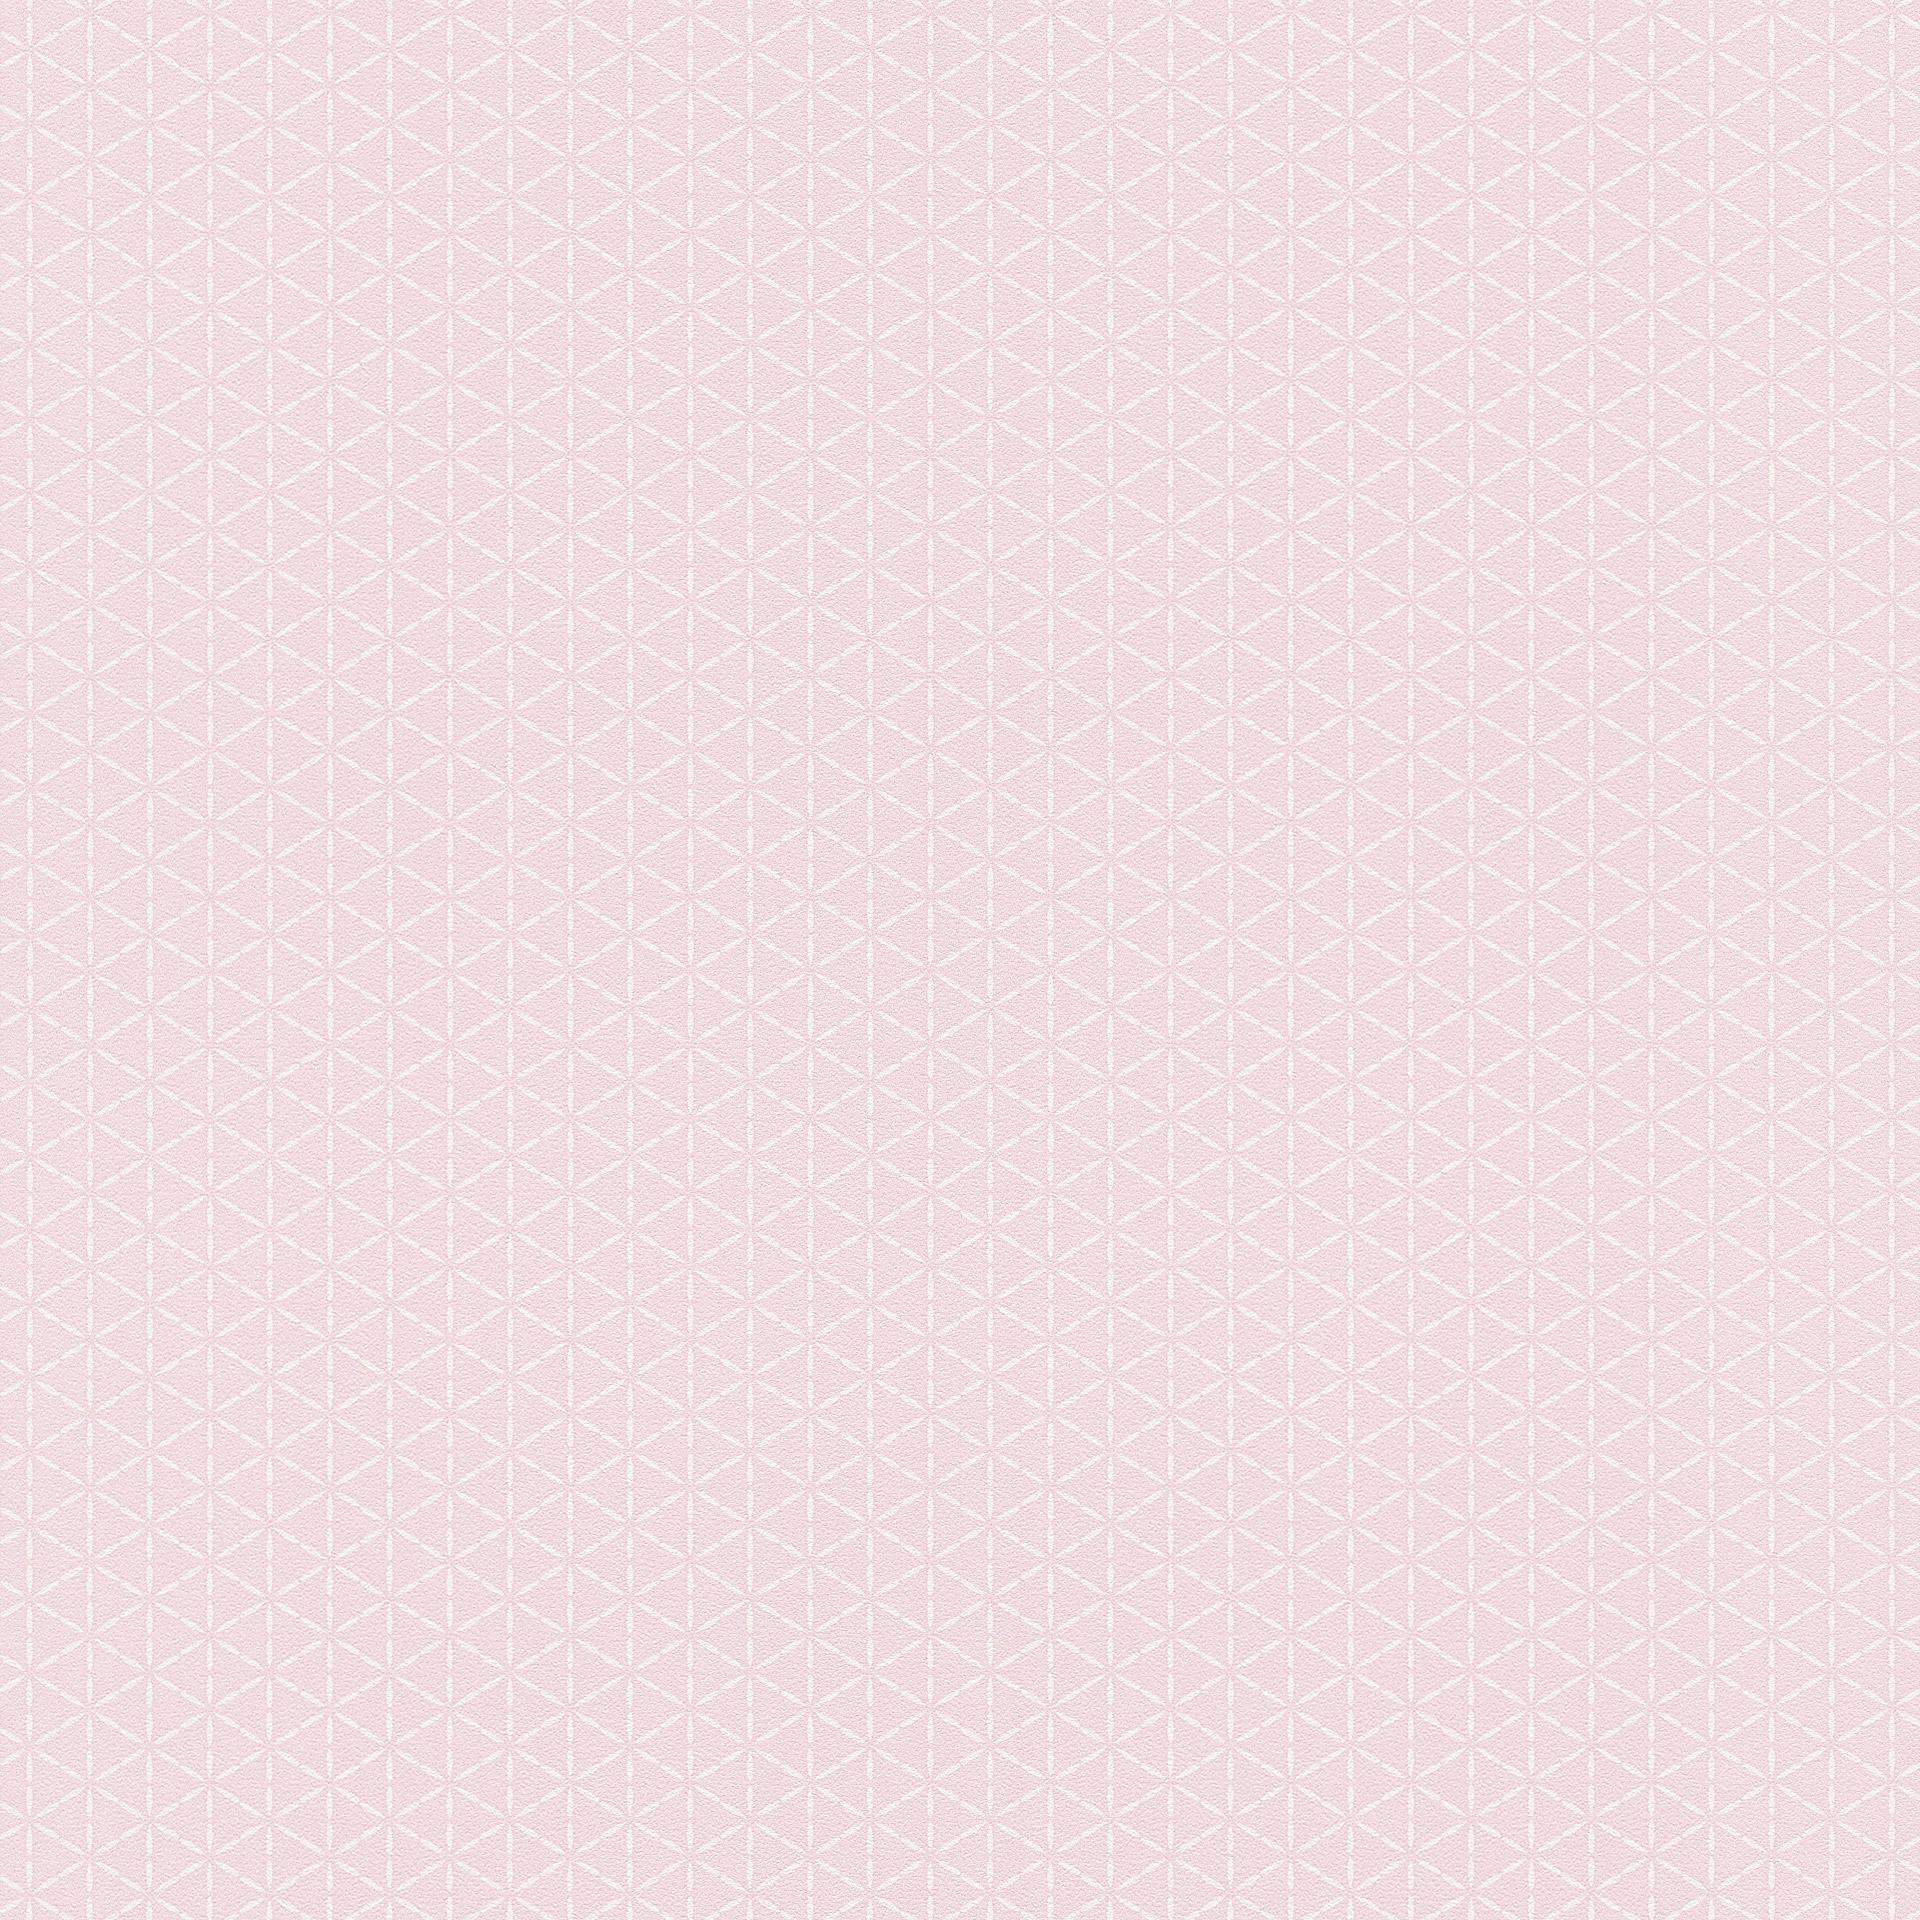 Rózsaszín fehér geometriai mintás tapéta